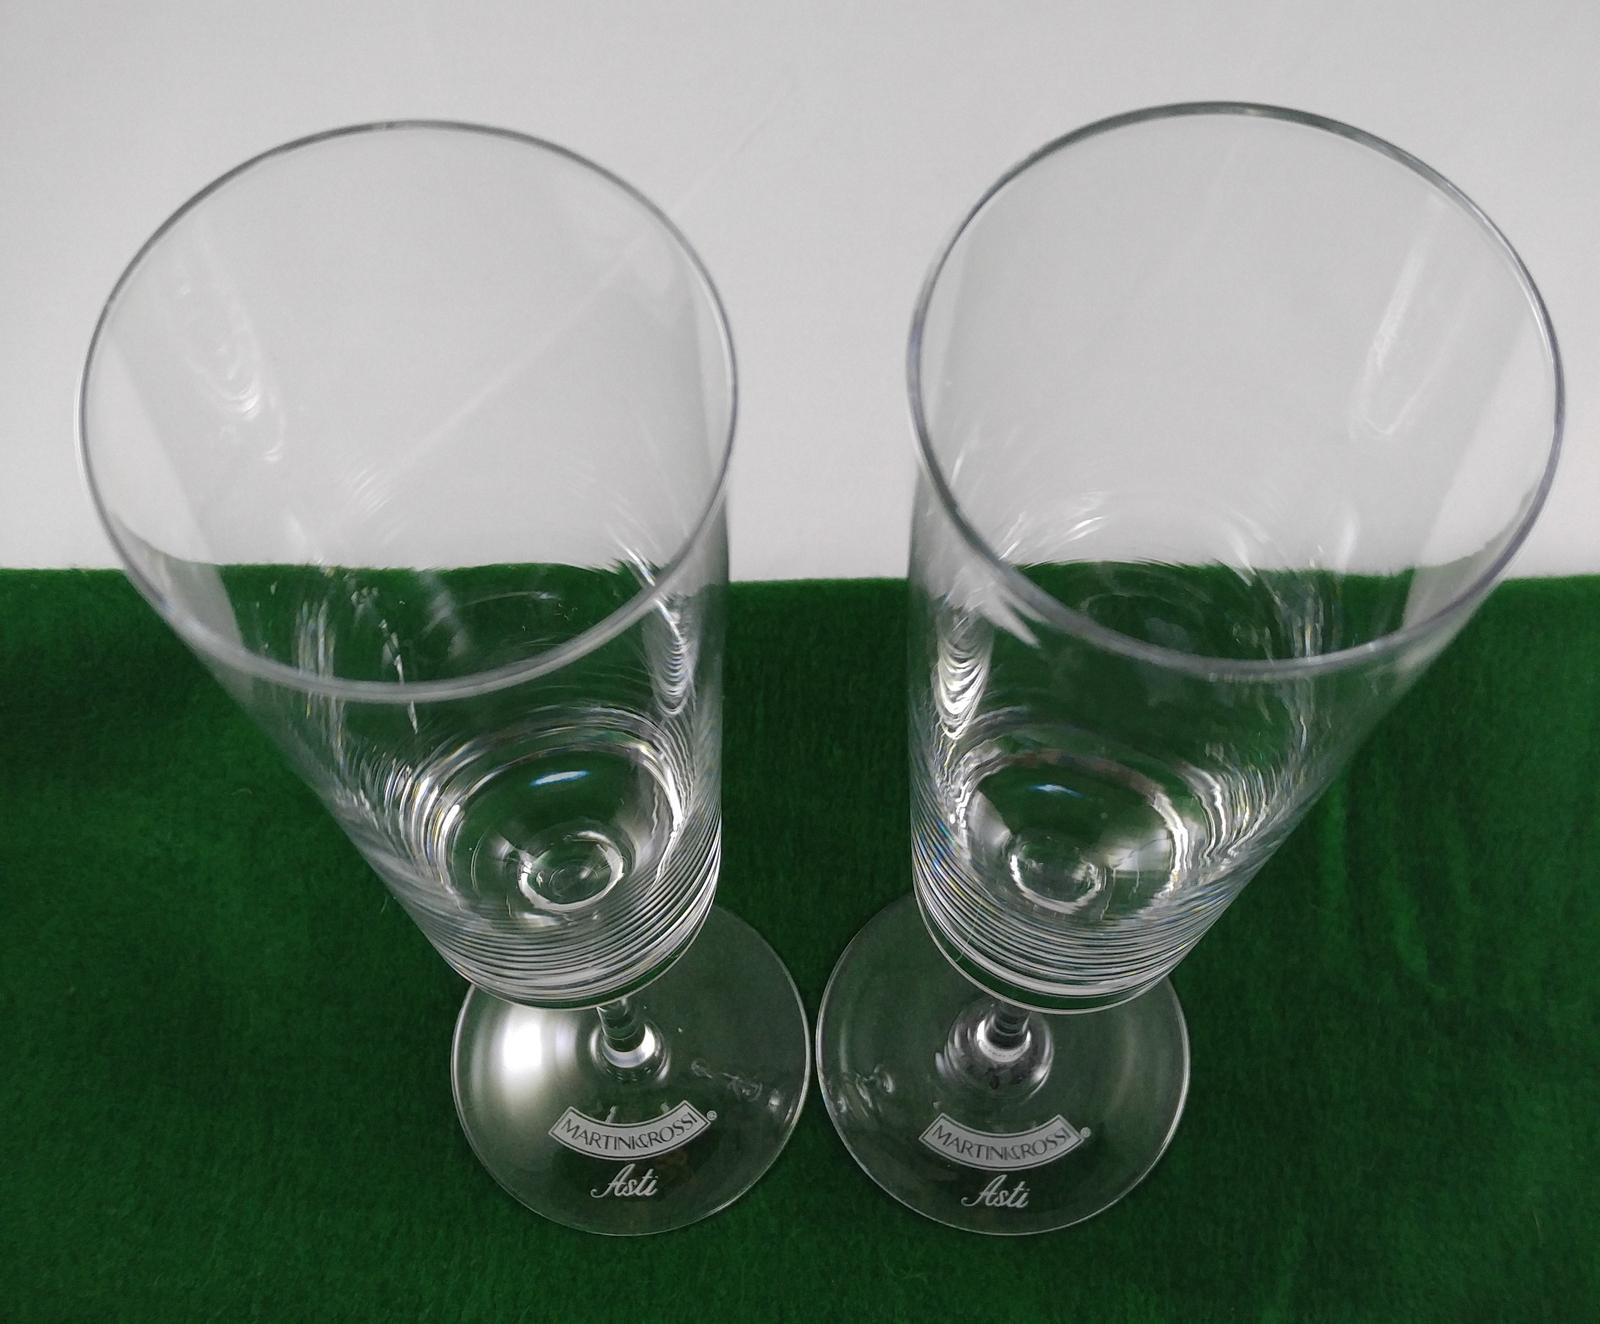 Martini & Rossi Asti Sparkling Wine Champagne Flutes Handblown Glass Barware